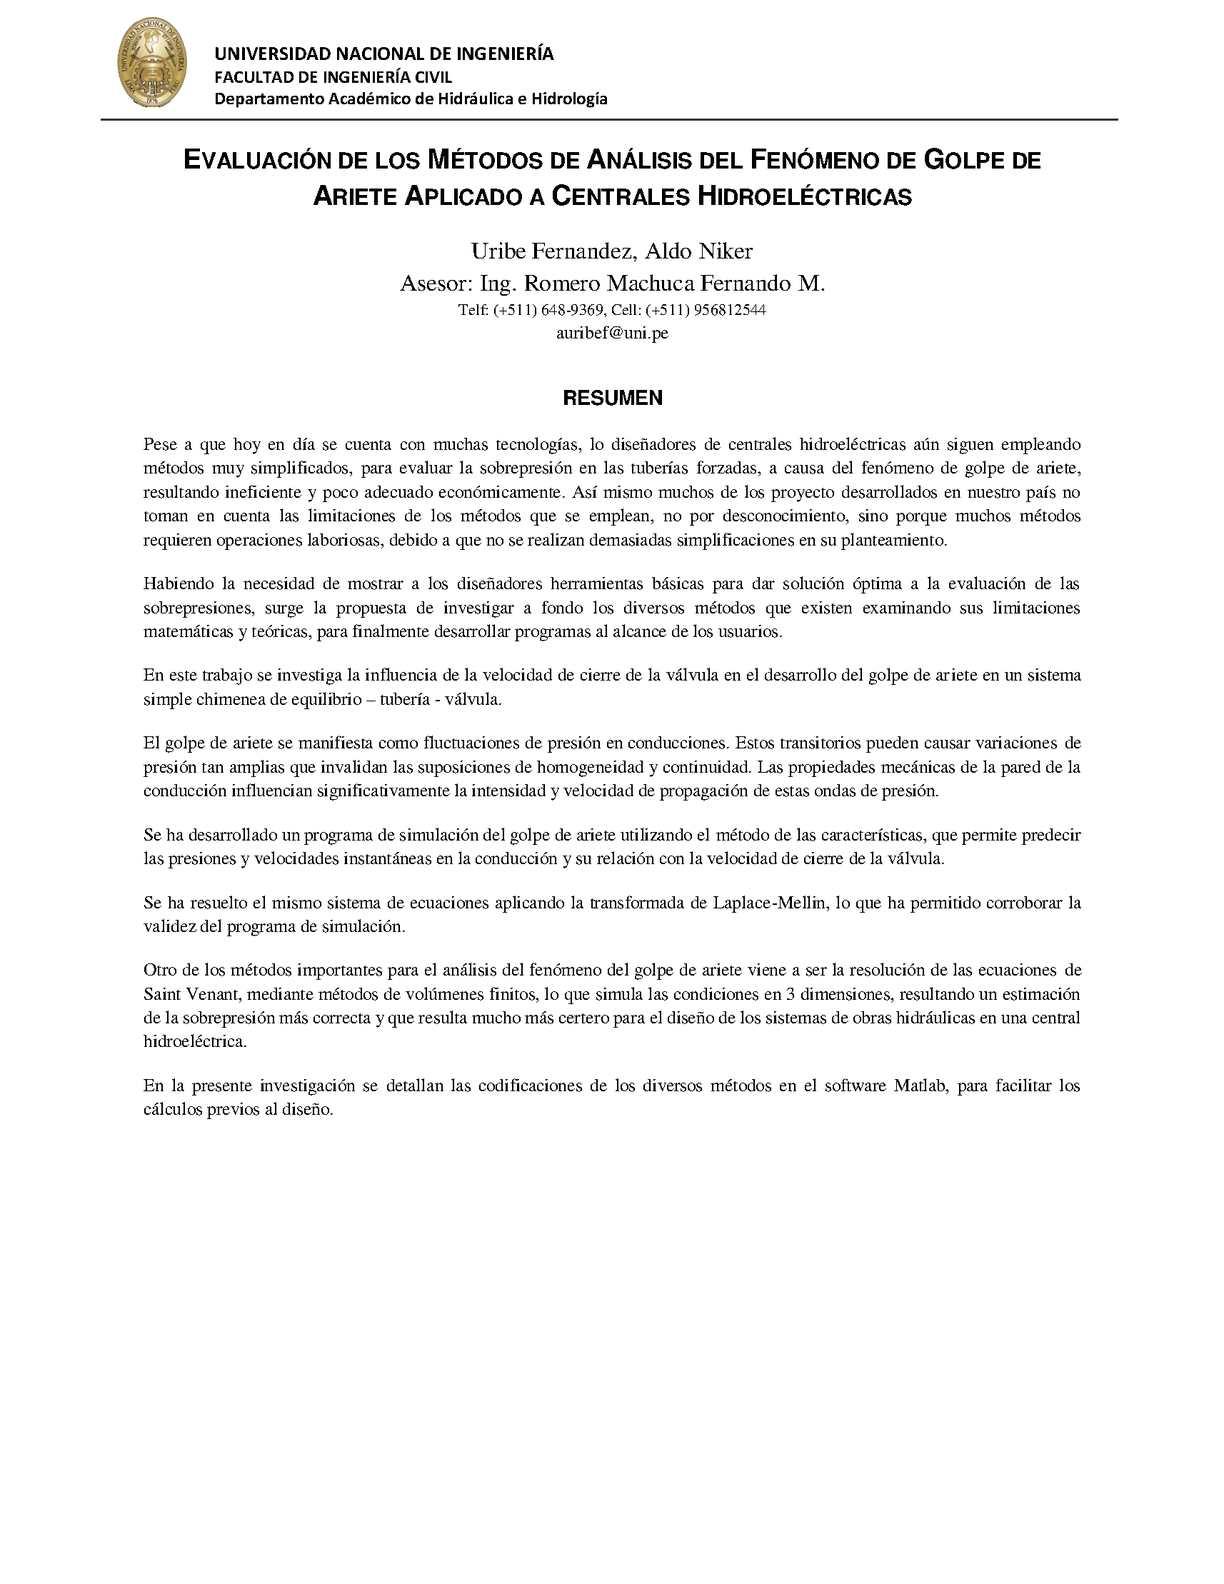 Conclusion de hidraulica basica